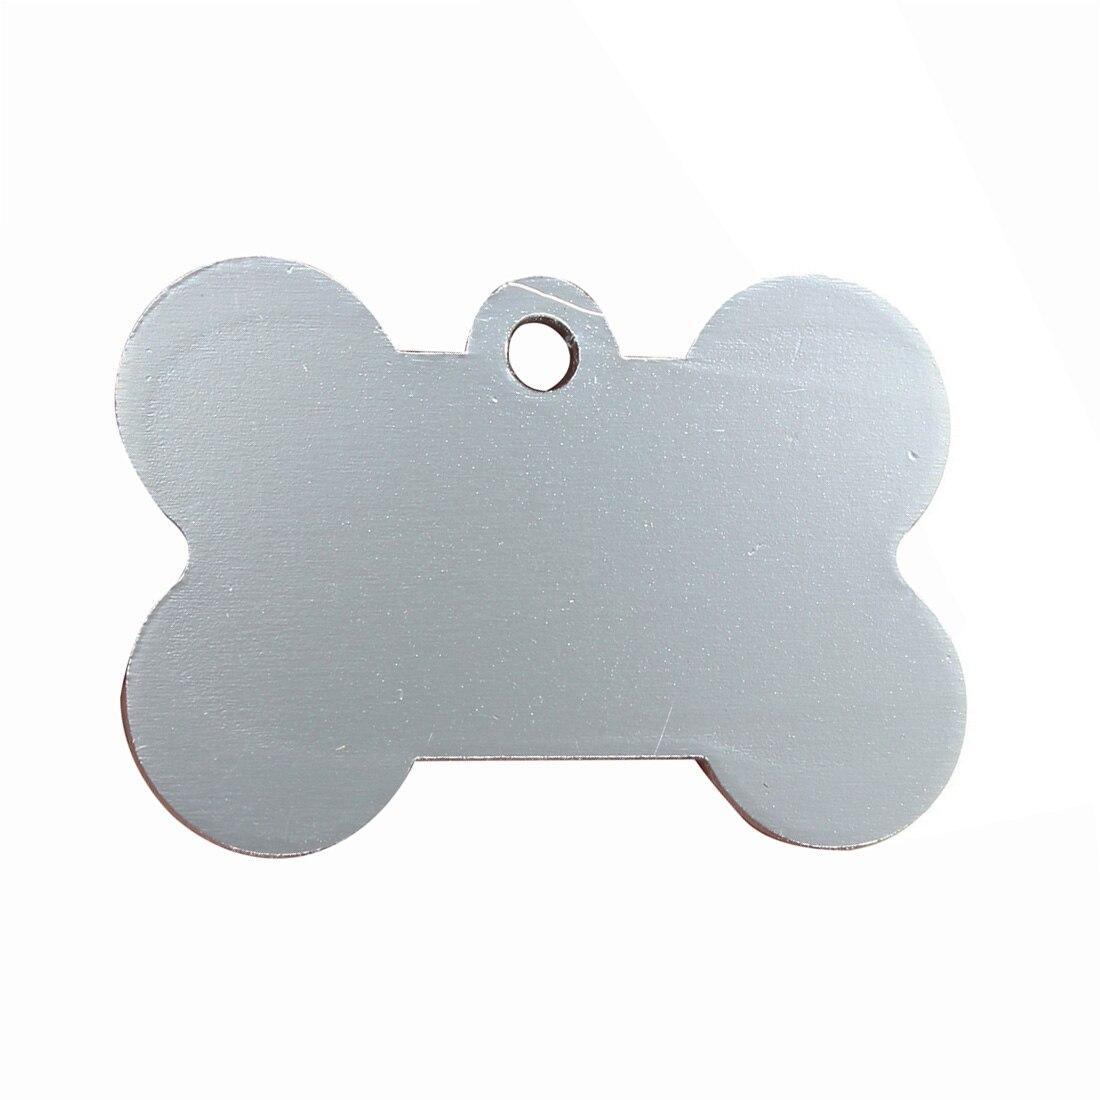 Etiquetas personalizadas personalizadas da identificação do animal de estimação do gato do cão do filhote de cachorro de 38mm para colar prata